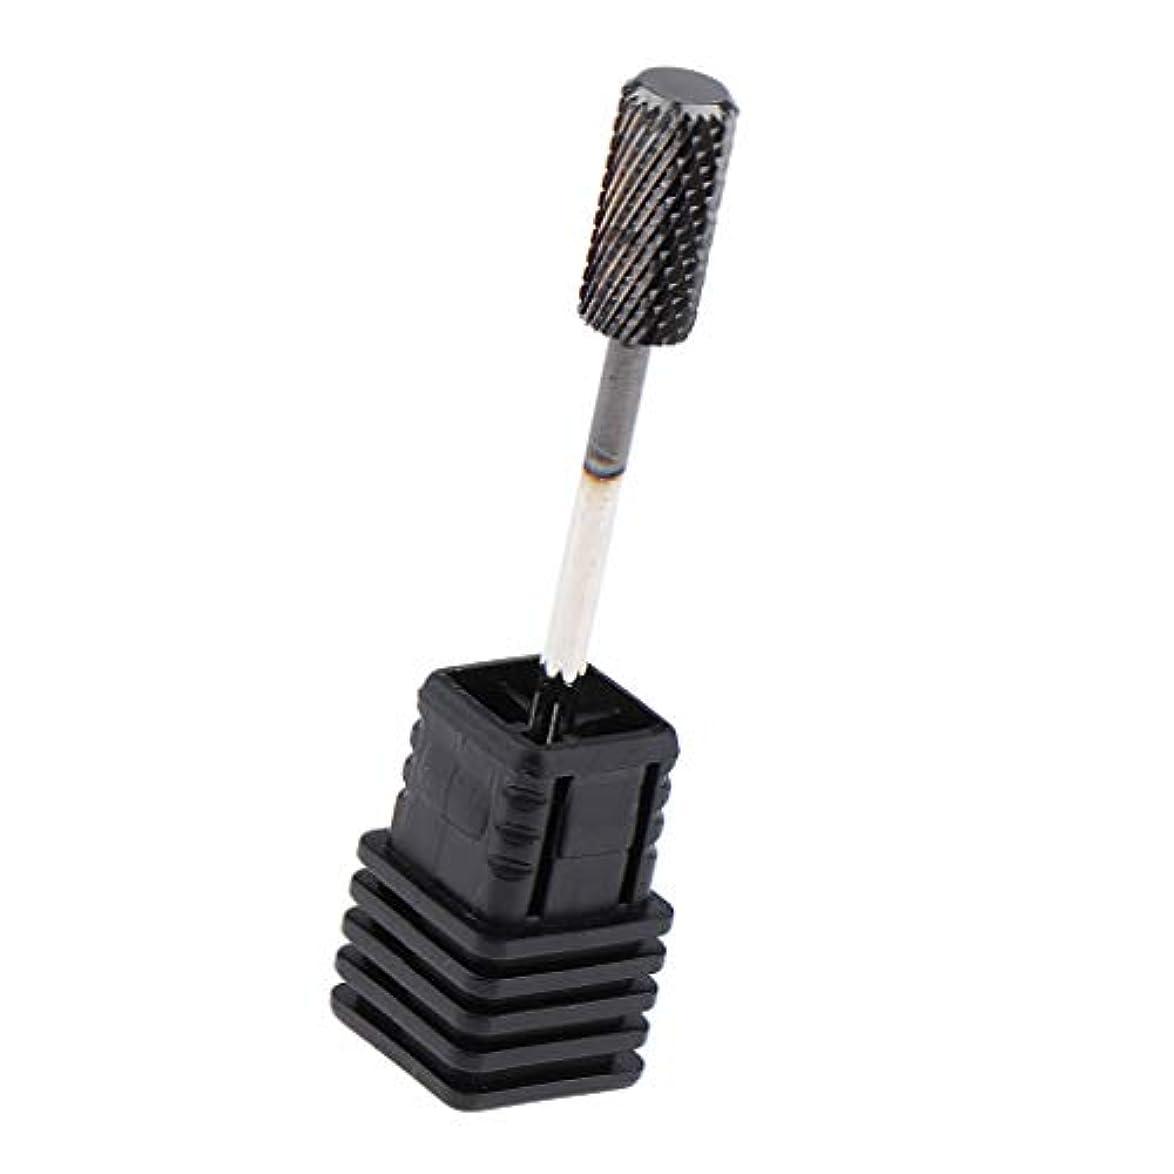 苦しみ黒不良品Toygogo キューティクルクリーンネイルドリルビットファイルポリッシングヘッドアクリルネイル、ジェルネイル、ポリッシュキューティクル、シールコート、ベースジェル用電気ドリルビット - D